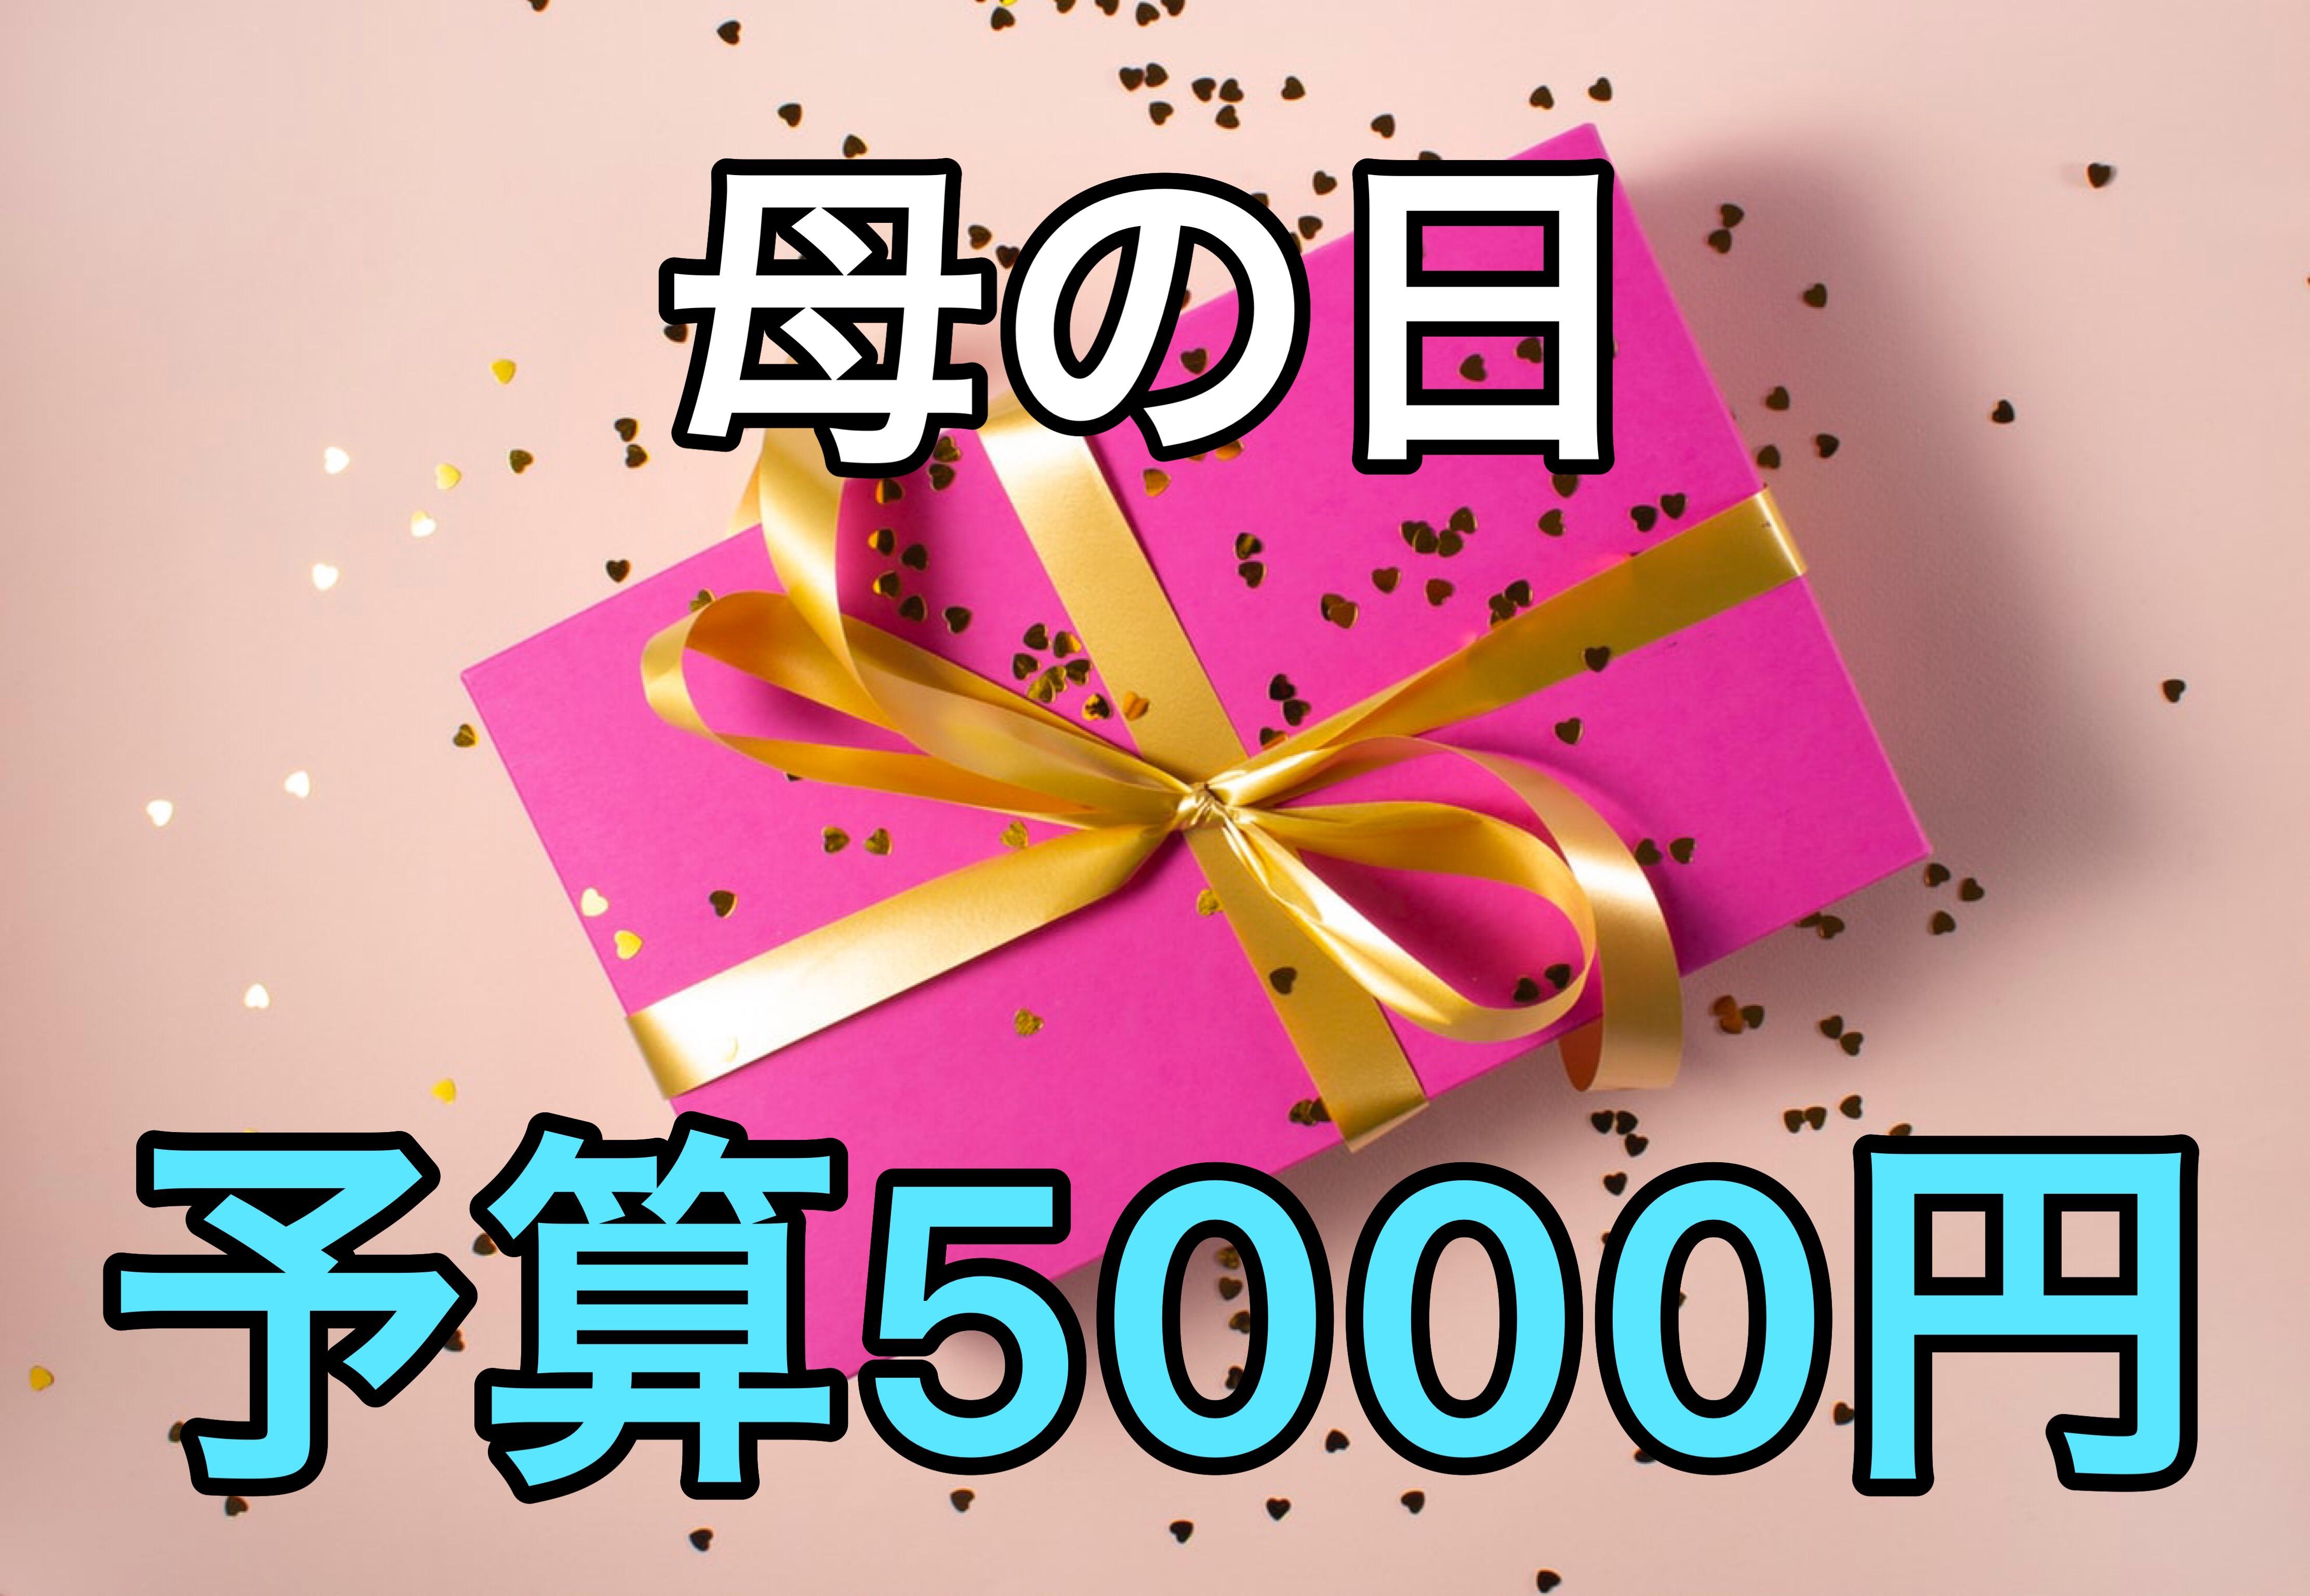 https://kachima101.com/mothers-day-gift-5000-yen